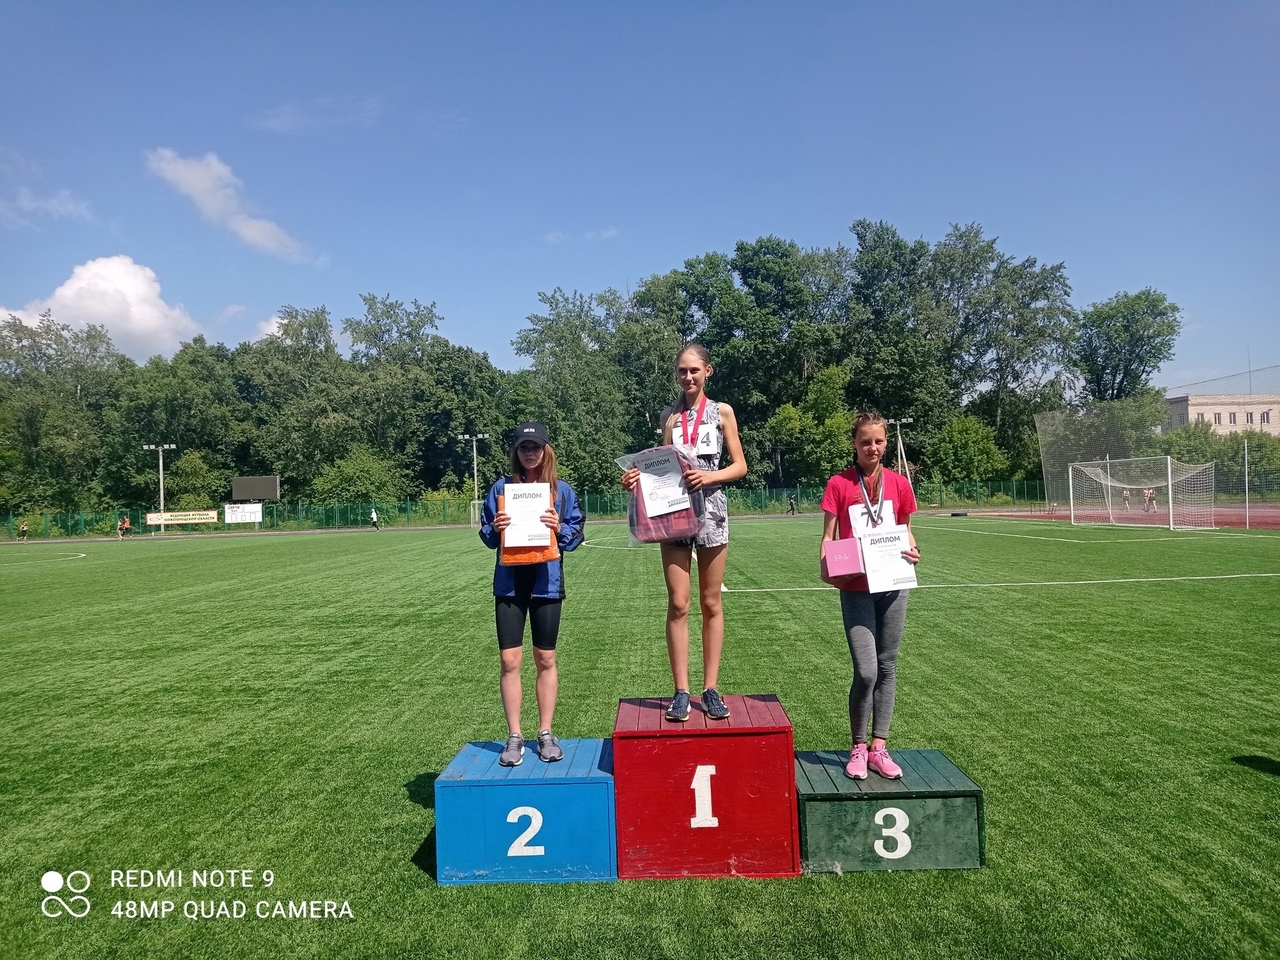 Легкоатлеты из Выксы успешно выступили на соревнованиях